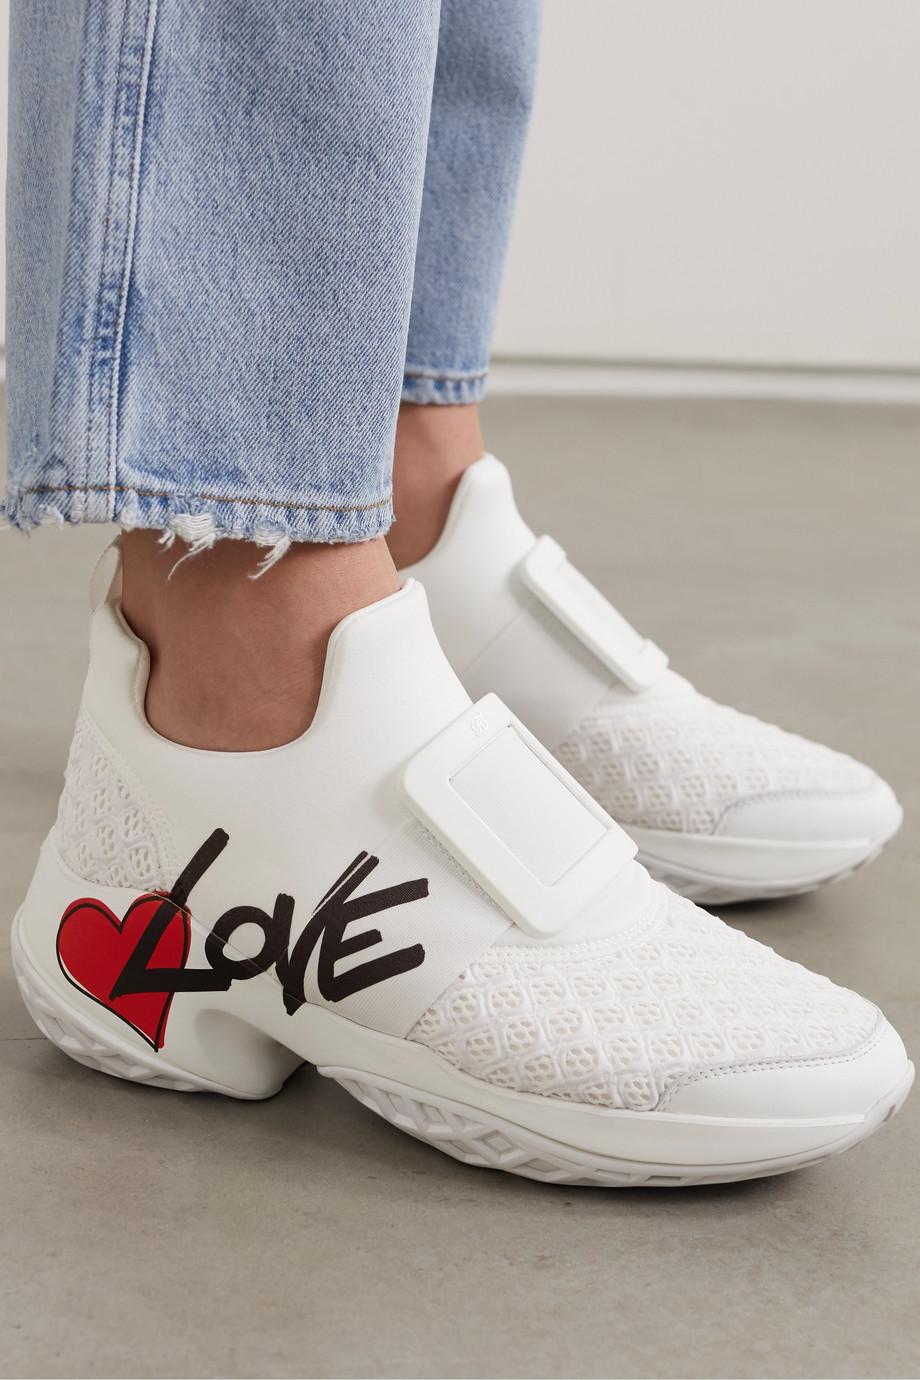 Roger Vivier Viv Run Lovely 印花氯丁橡胶网眼皮革运动鞋